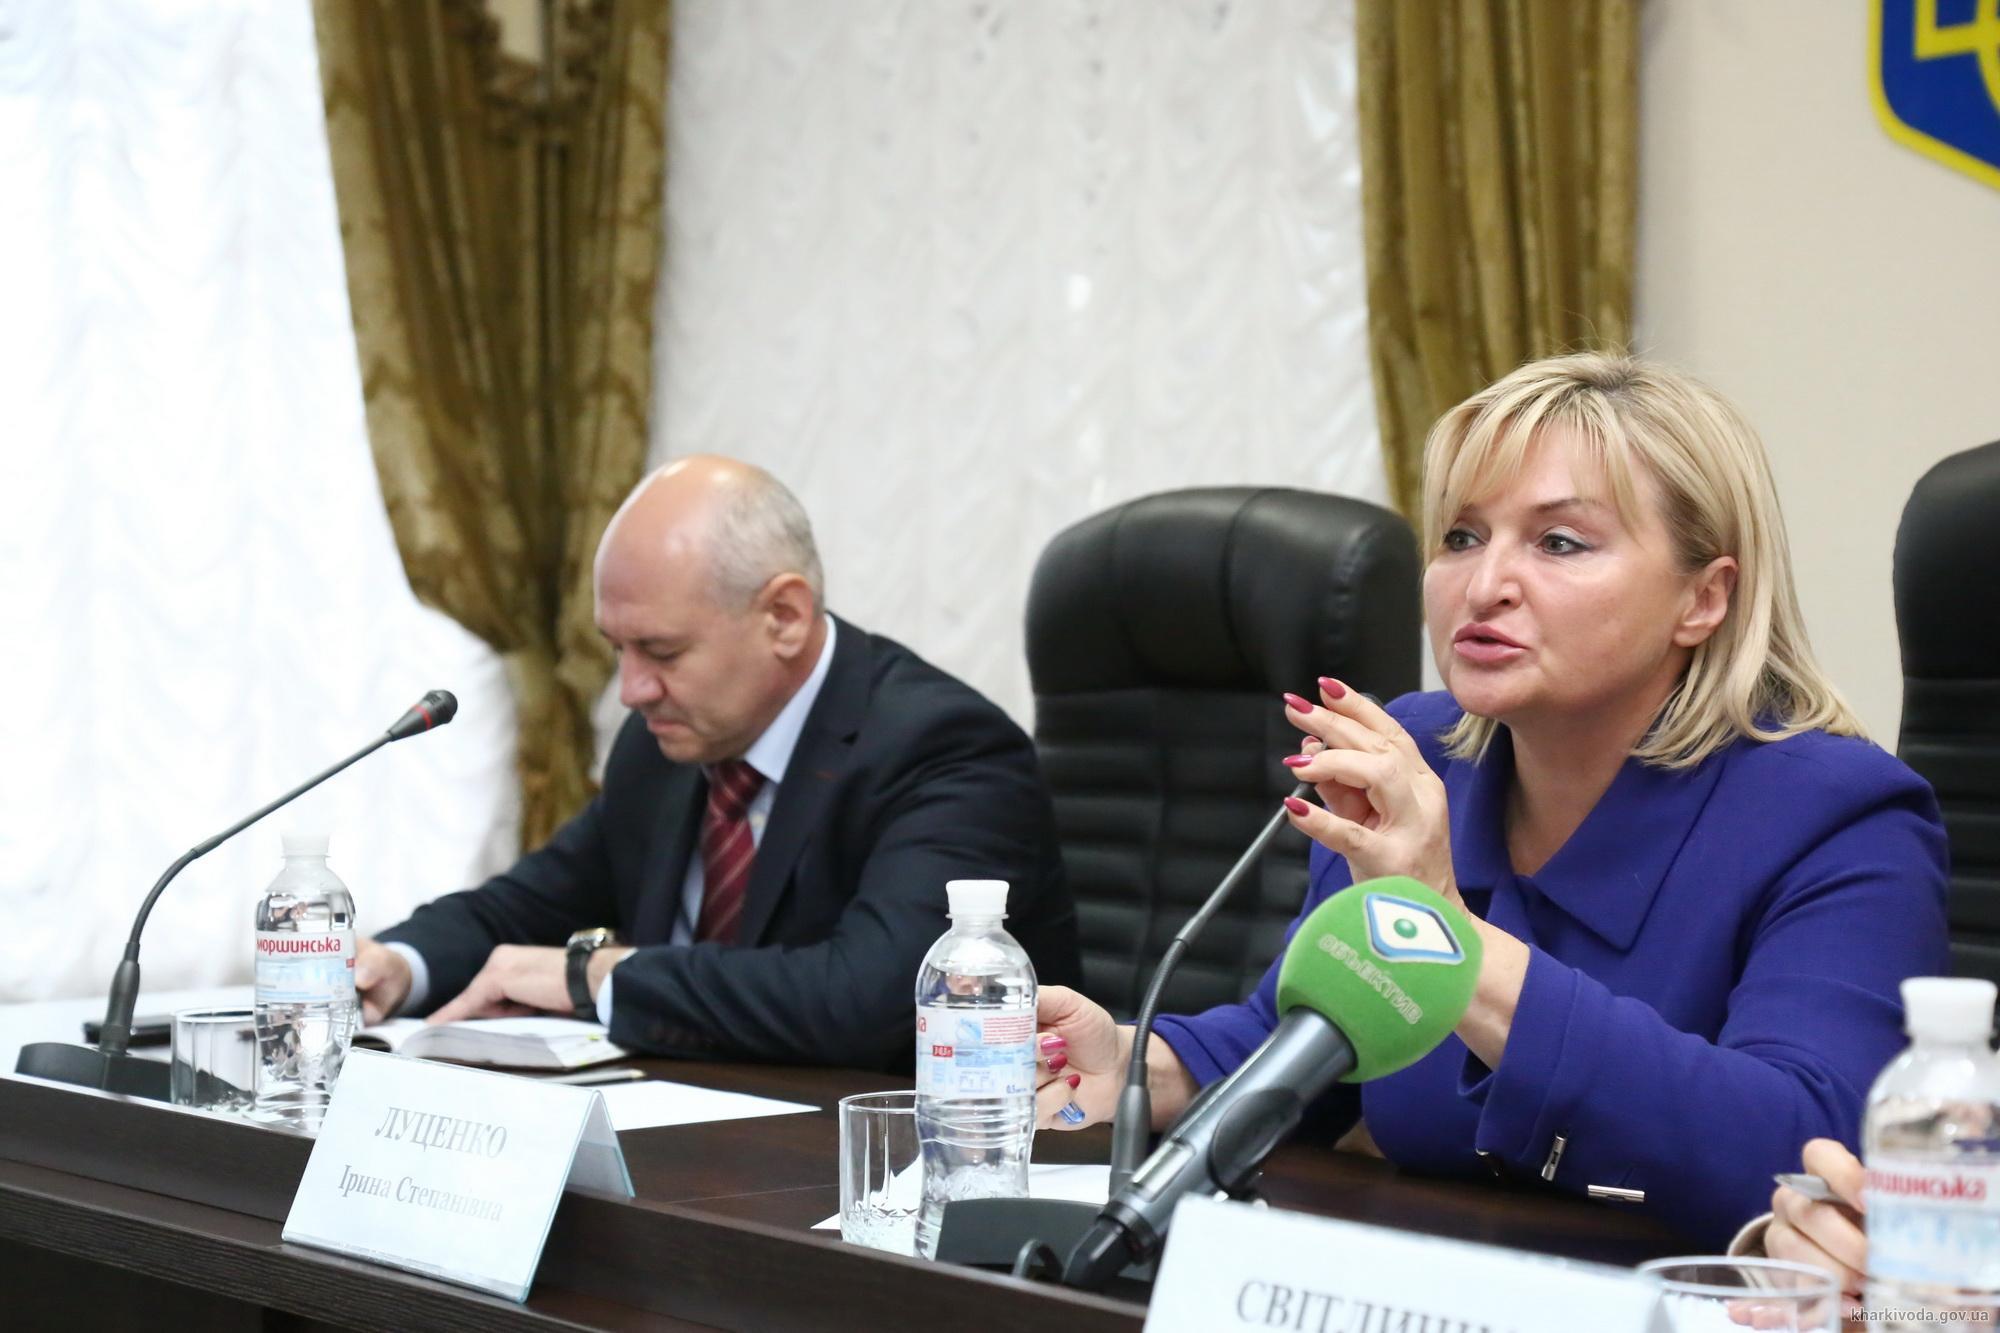 Жена генпрокурора Украины: Если Россия захватит Украину, то выживут только малороссы